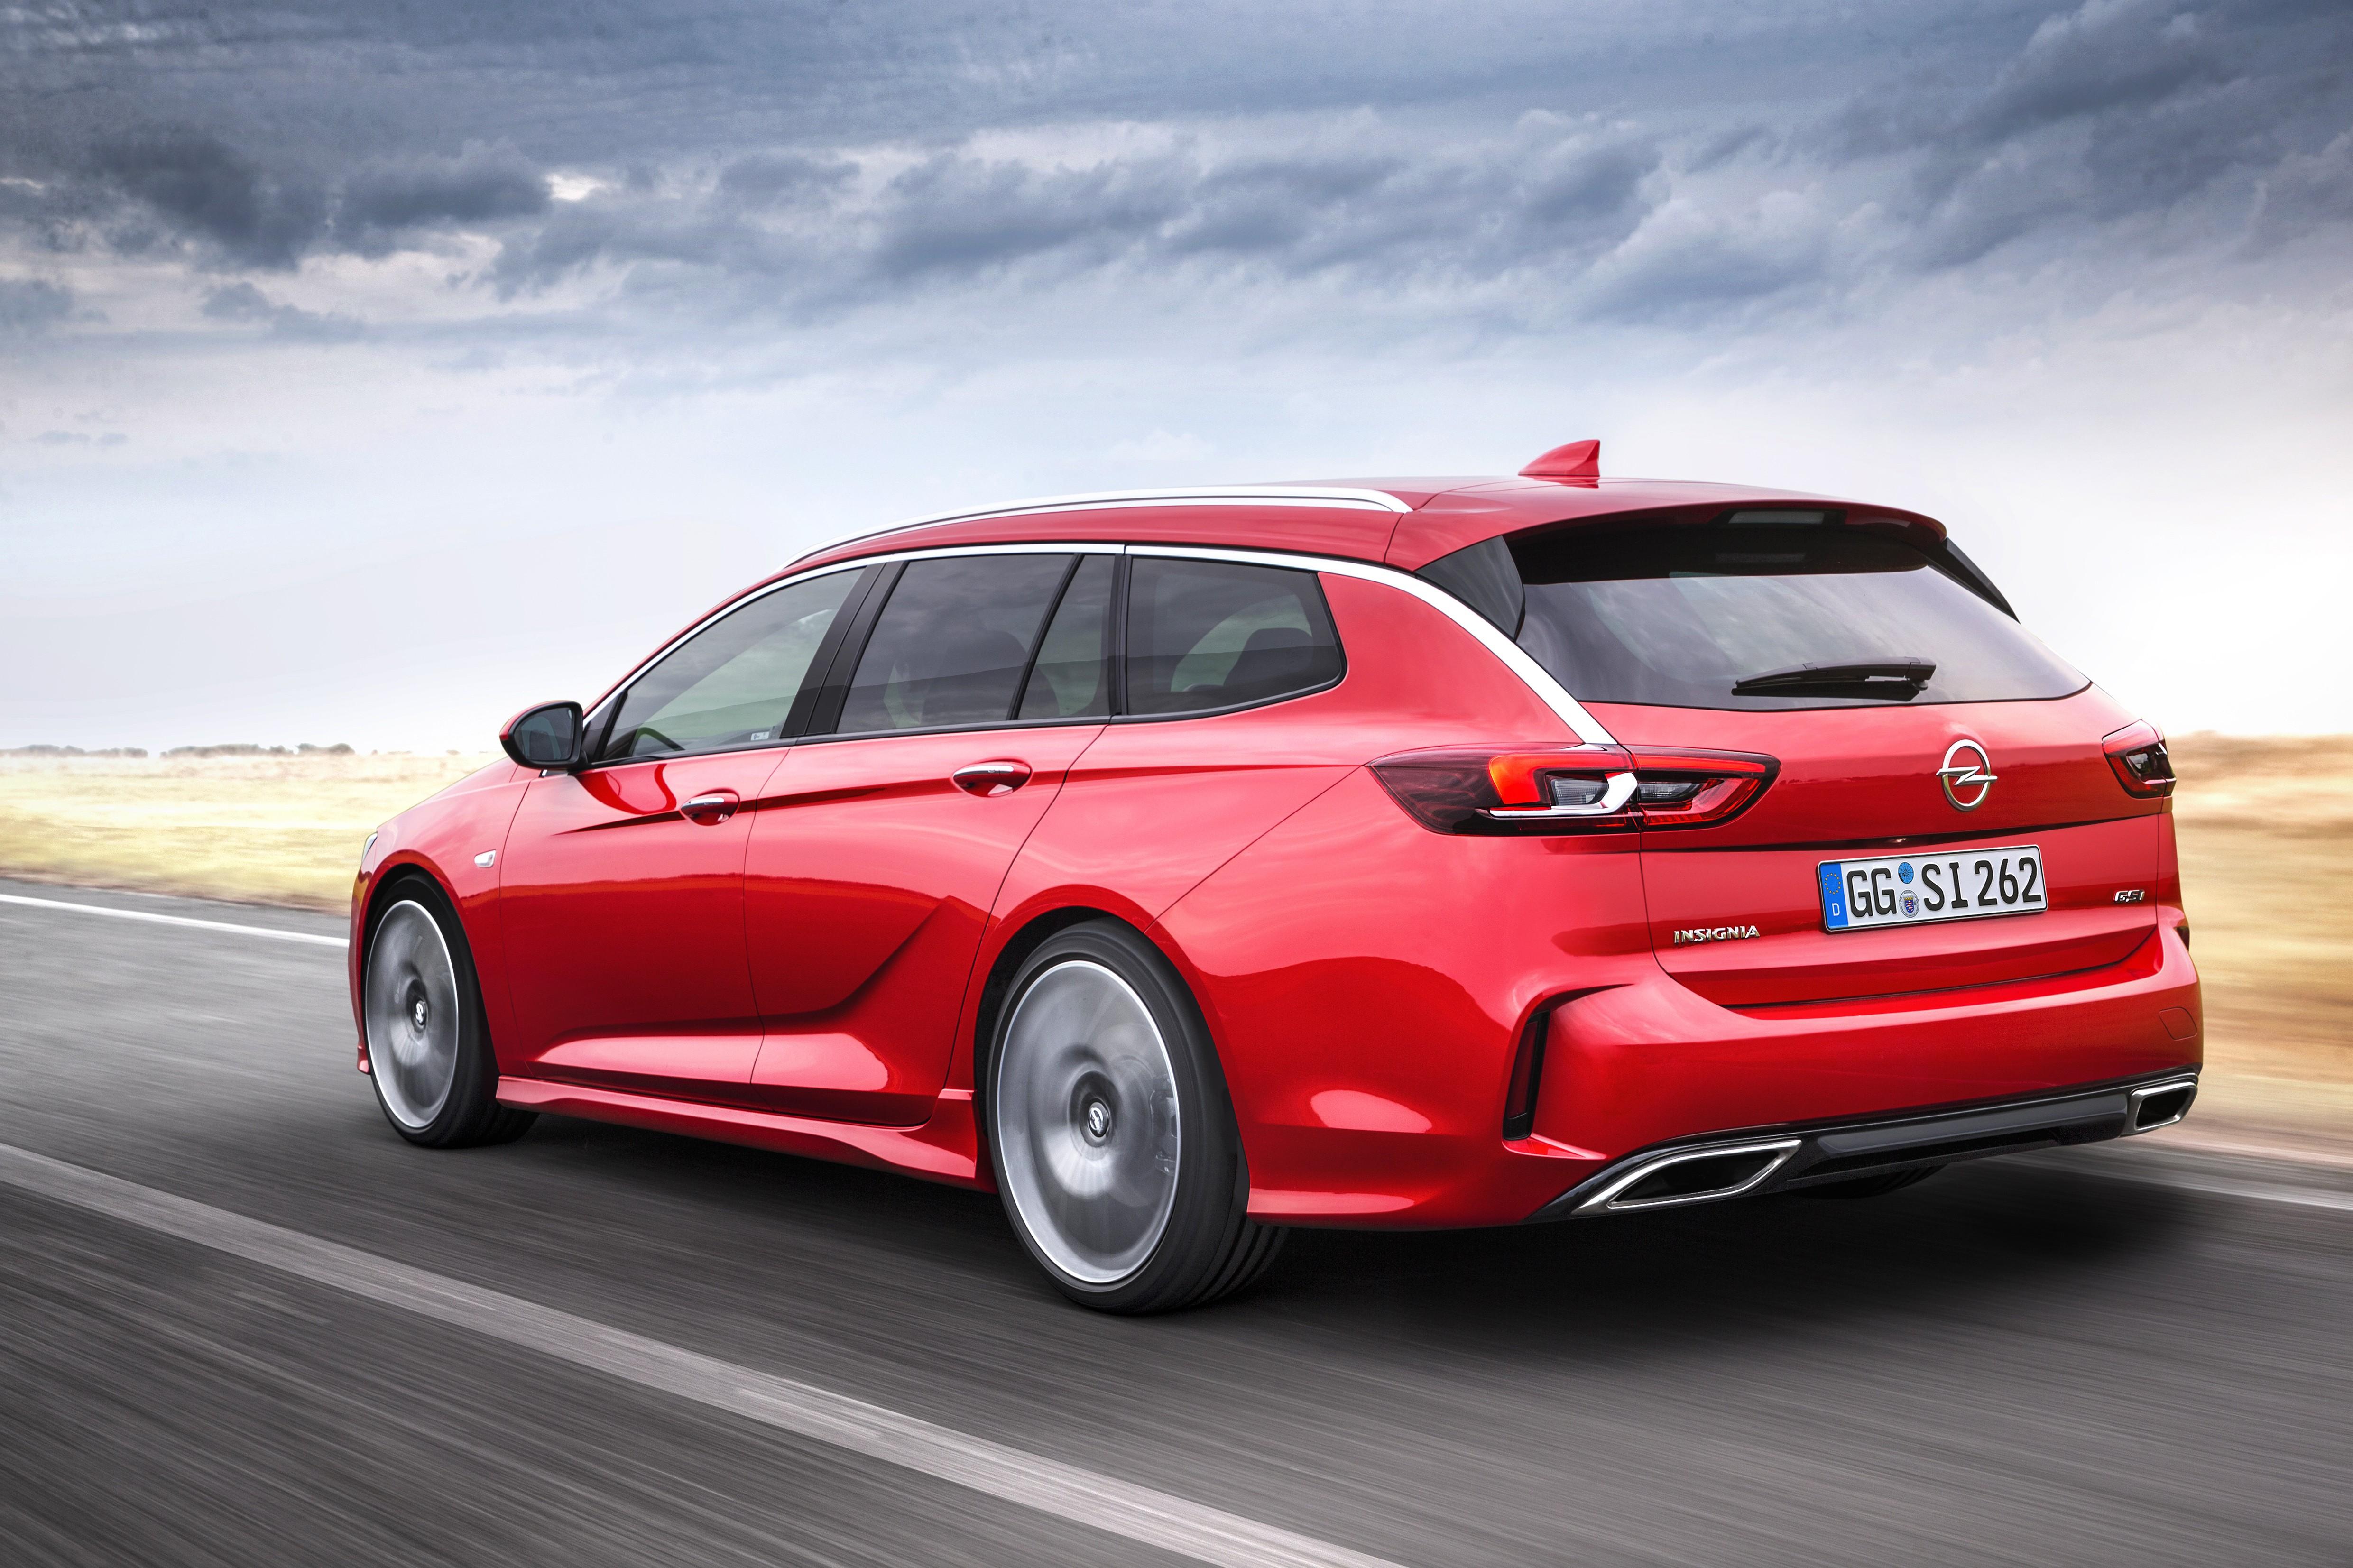 Wallpaper Opel Insignia GSi, 2018 Cars, 4k, Cars & Bikes #15719